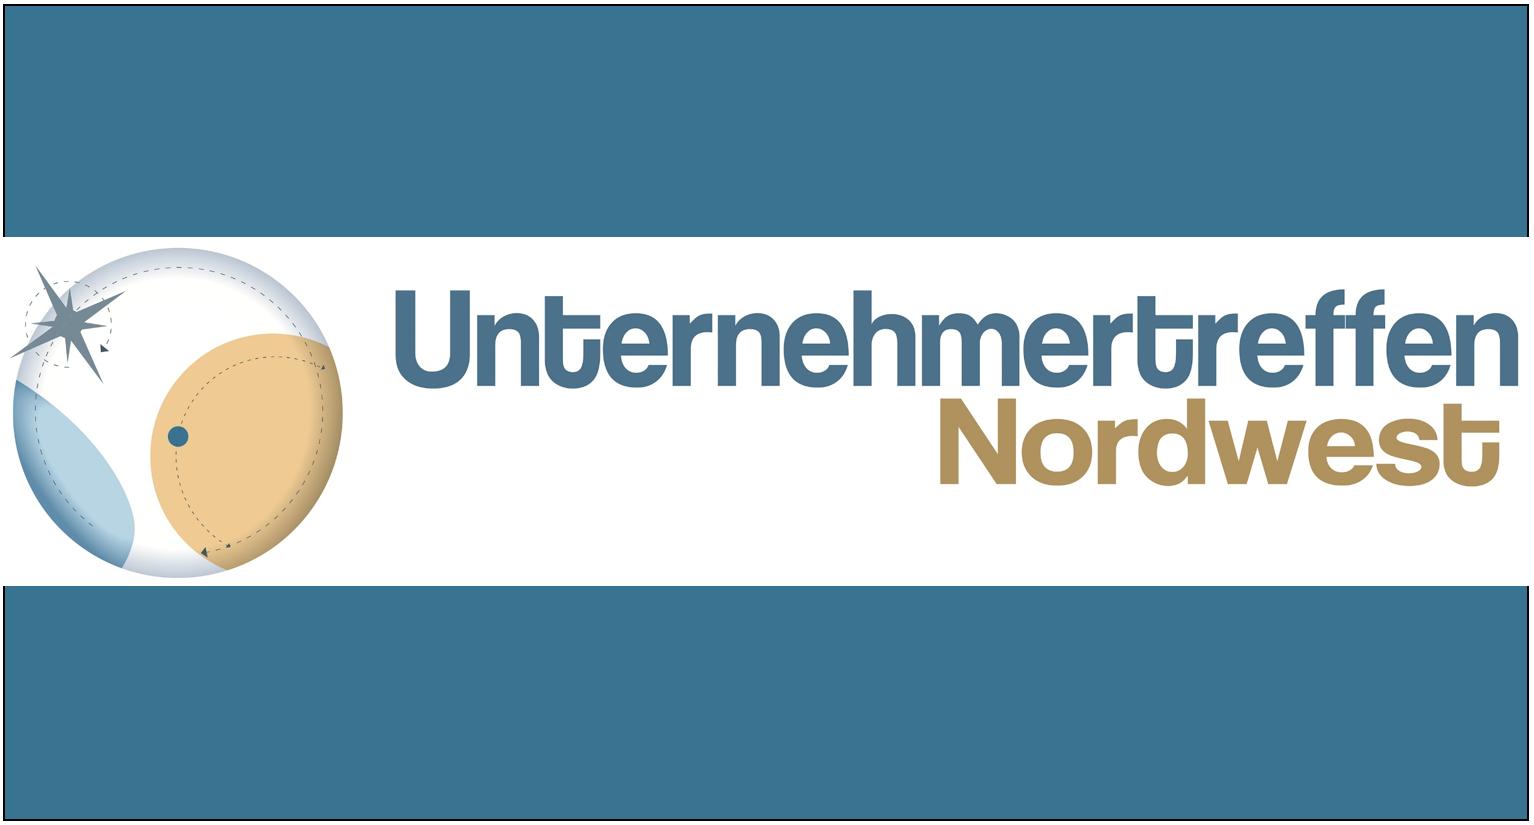 Unternehmertreffen Nordwest Logo blau gefasst